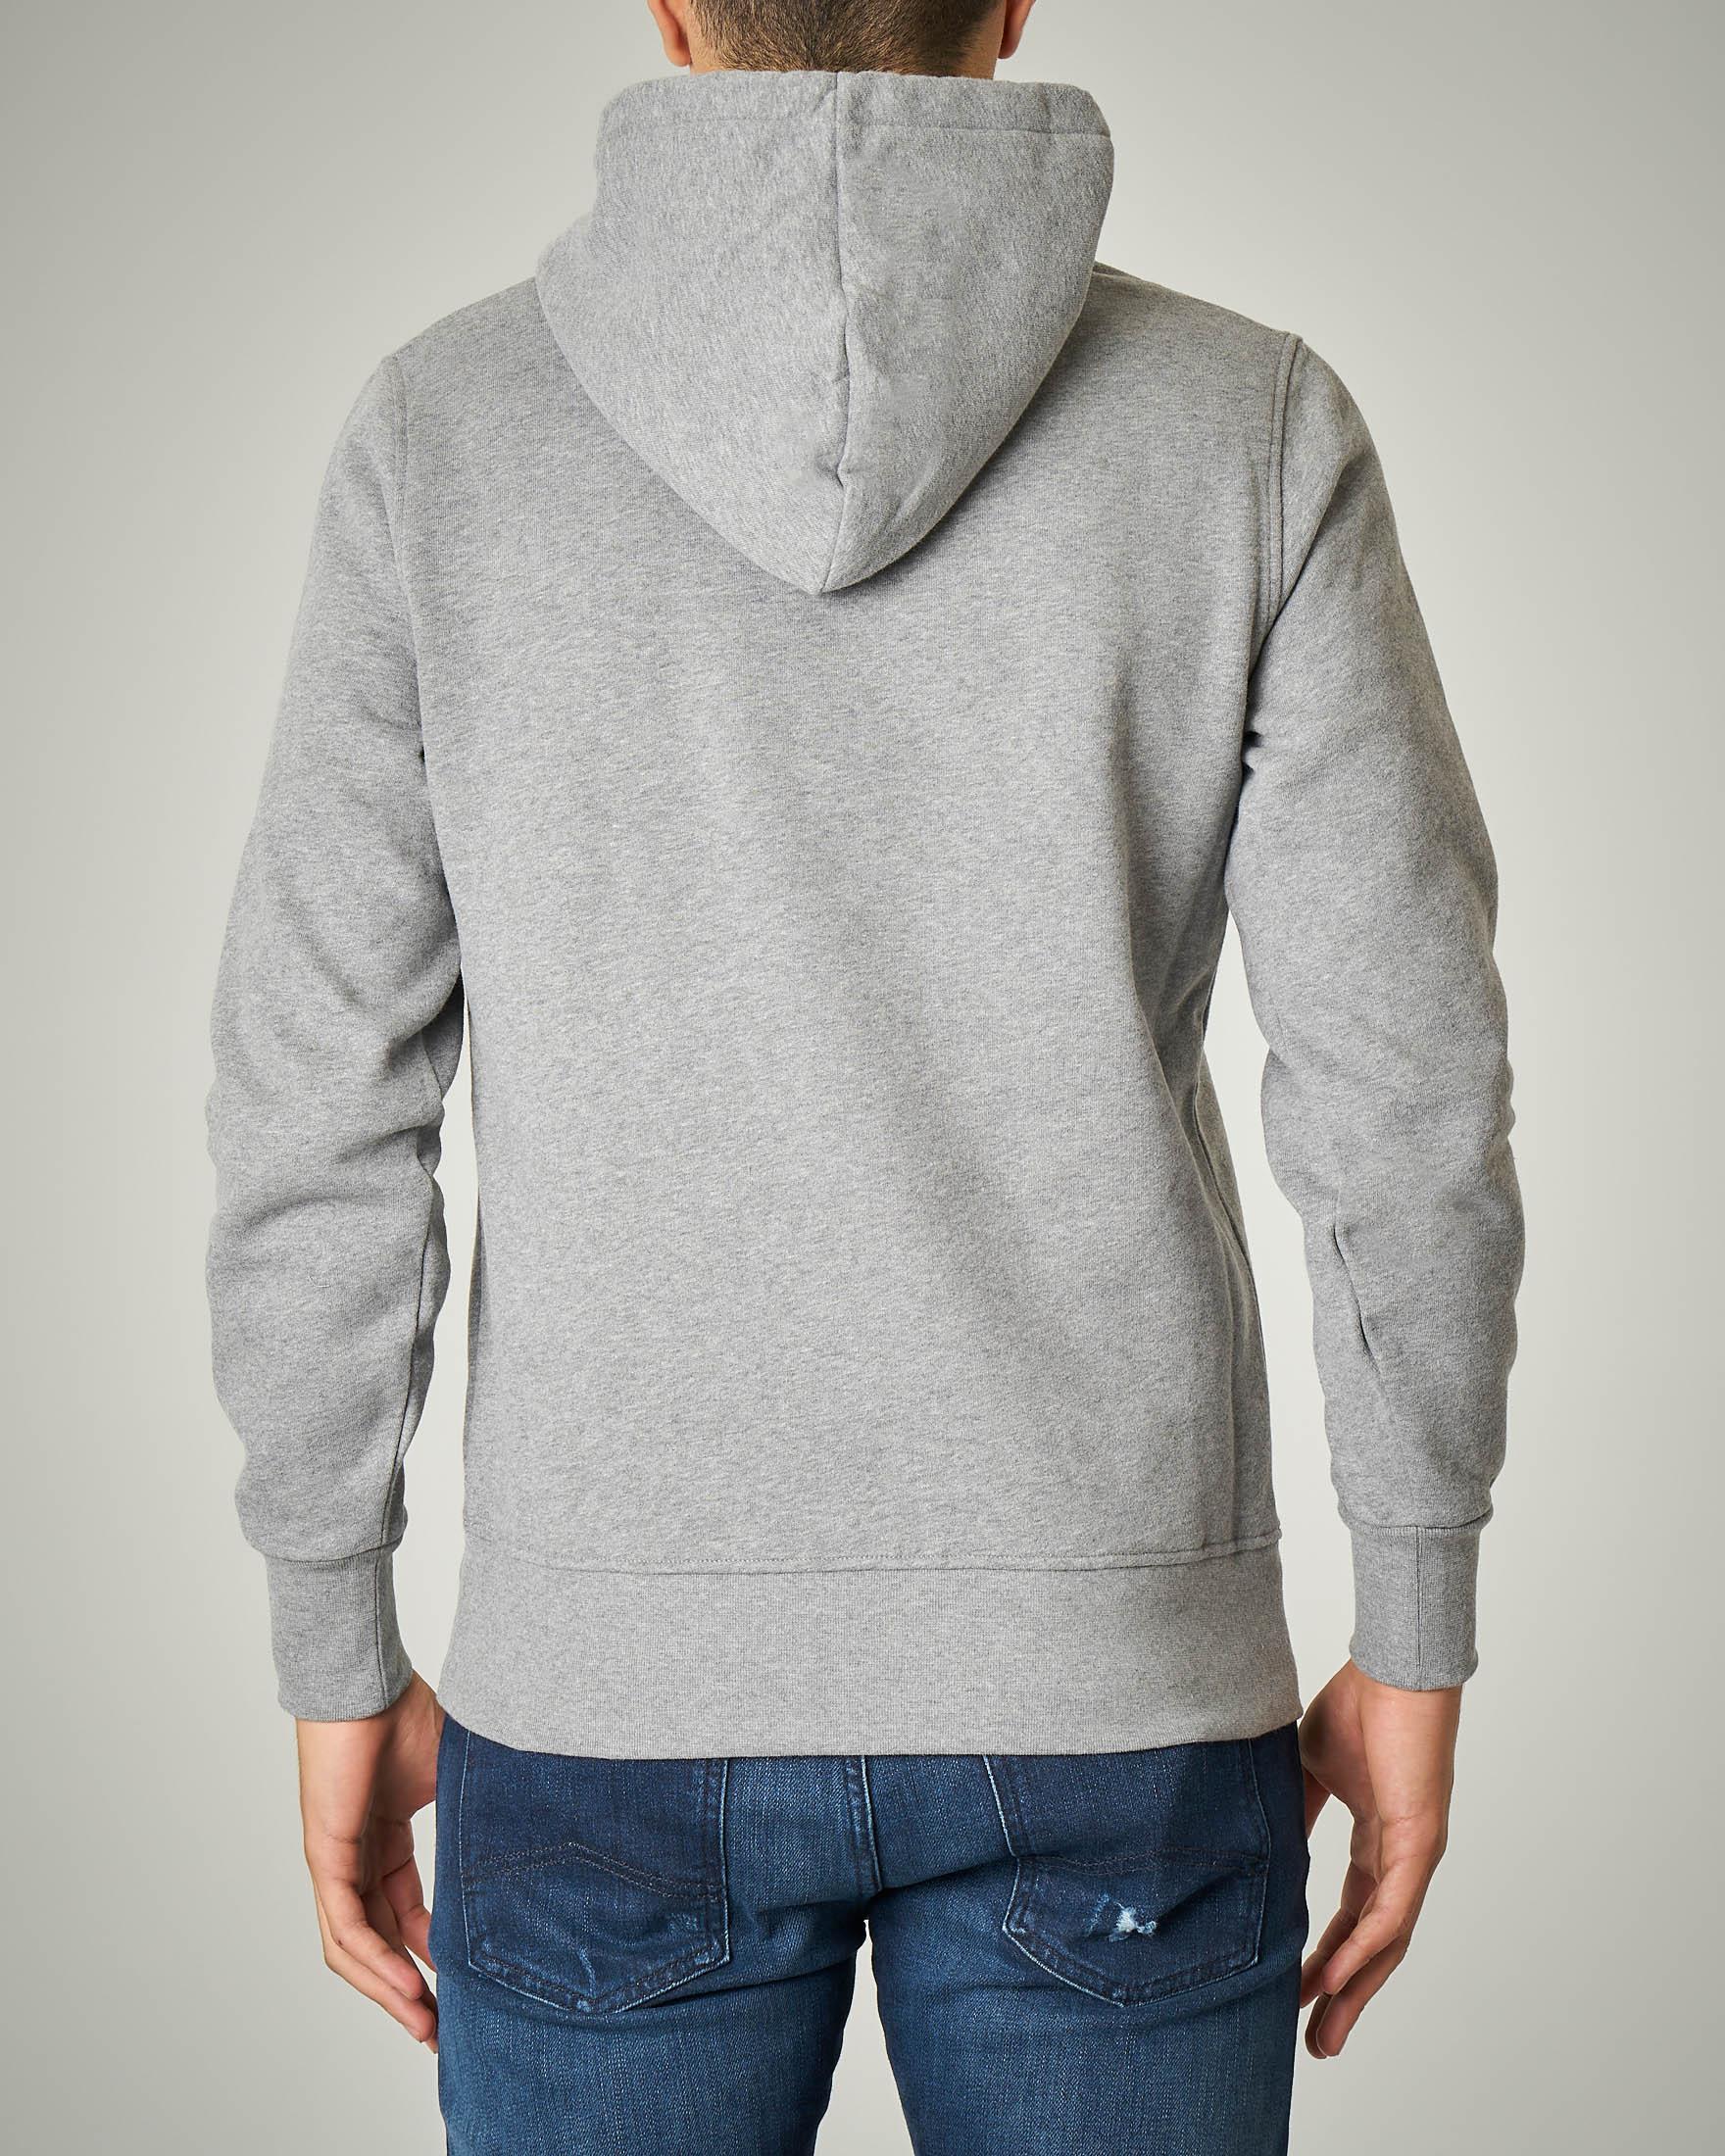 Felpa grigio chiaro con cappuccio